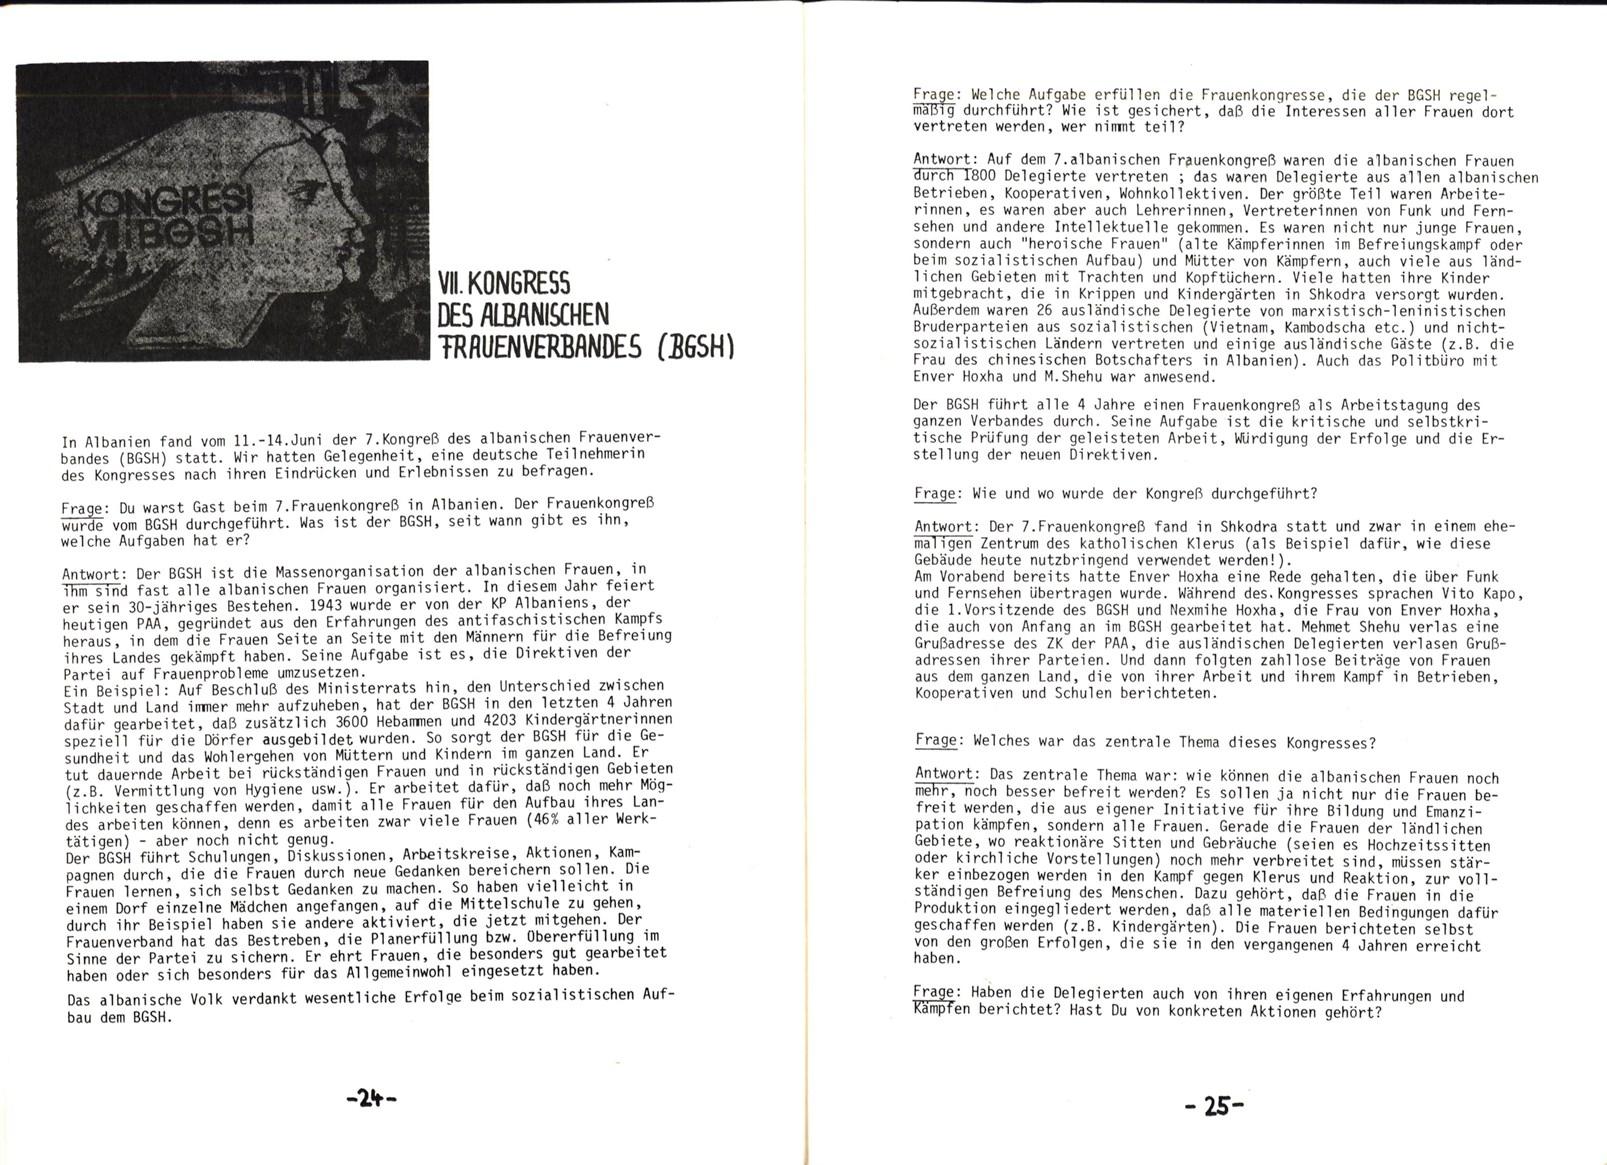 GFA_Albanische_Hefte_1973_02_14